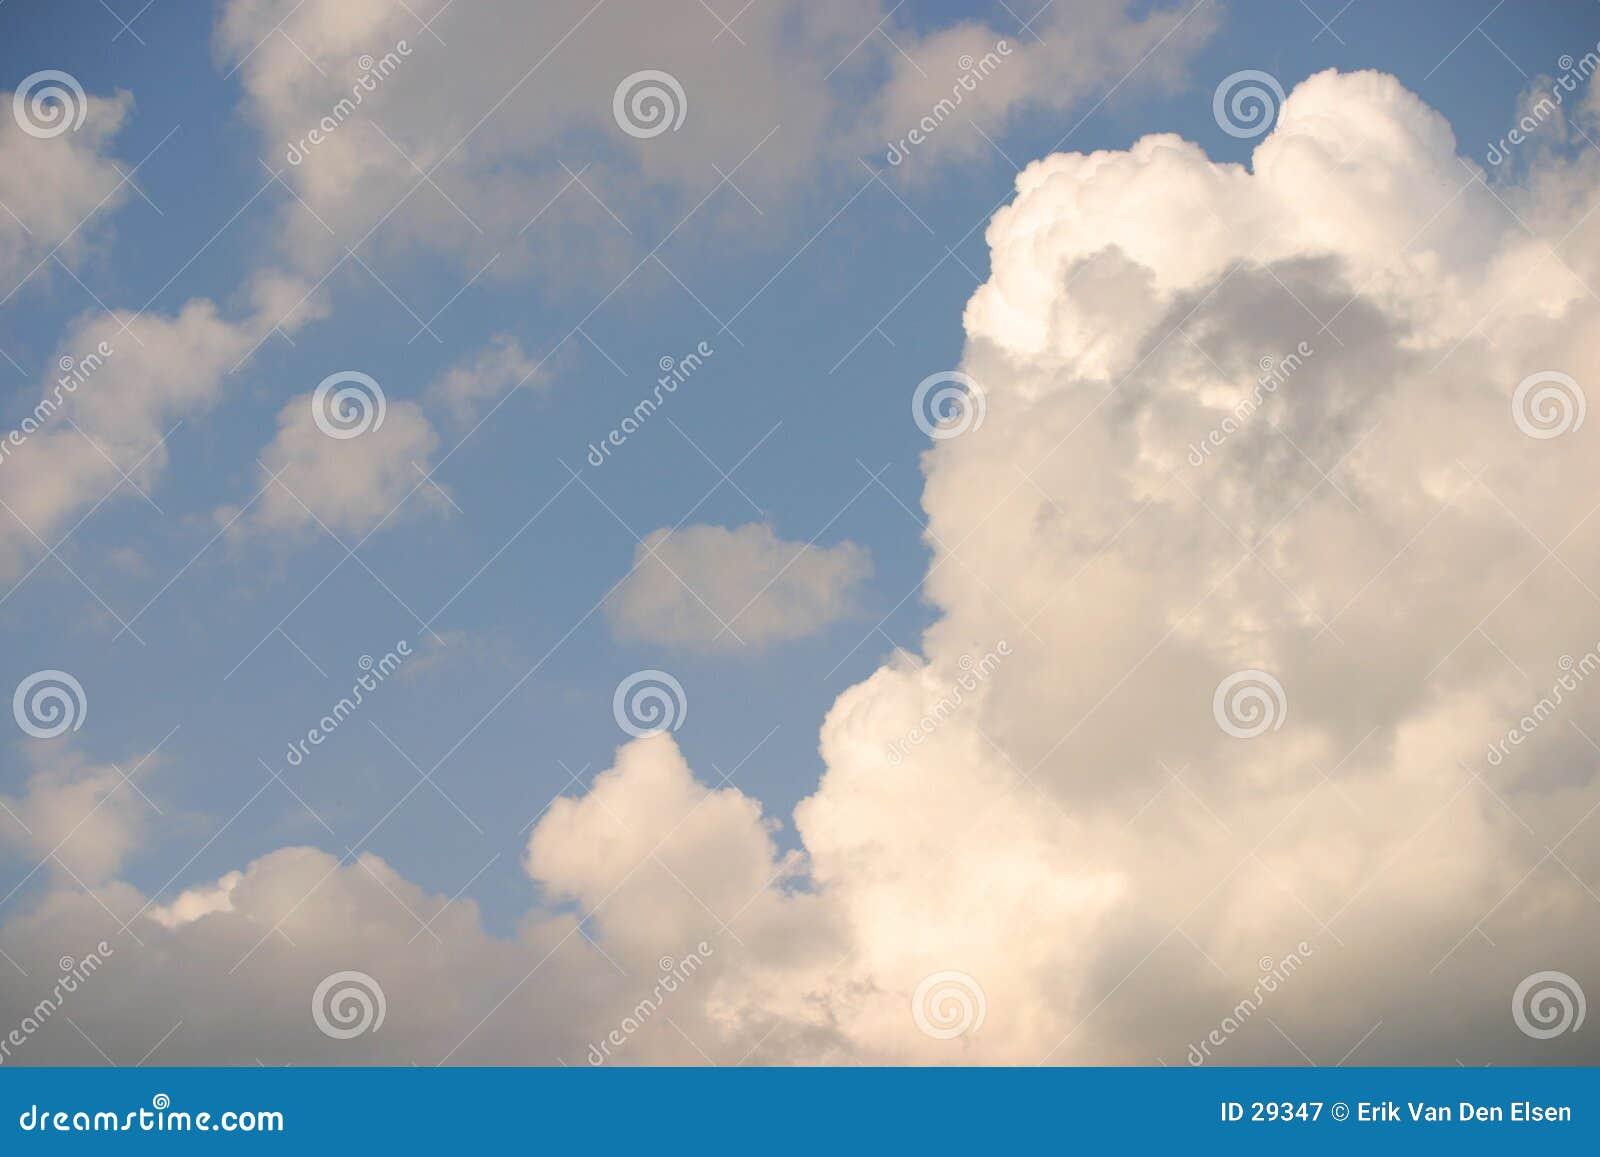 Dutch clouds